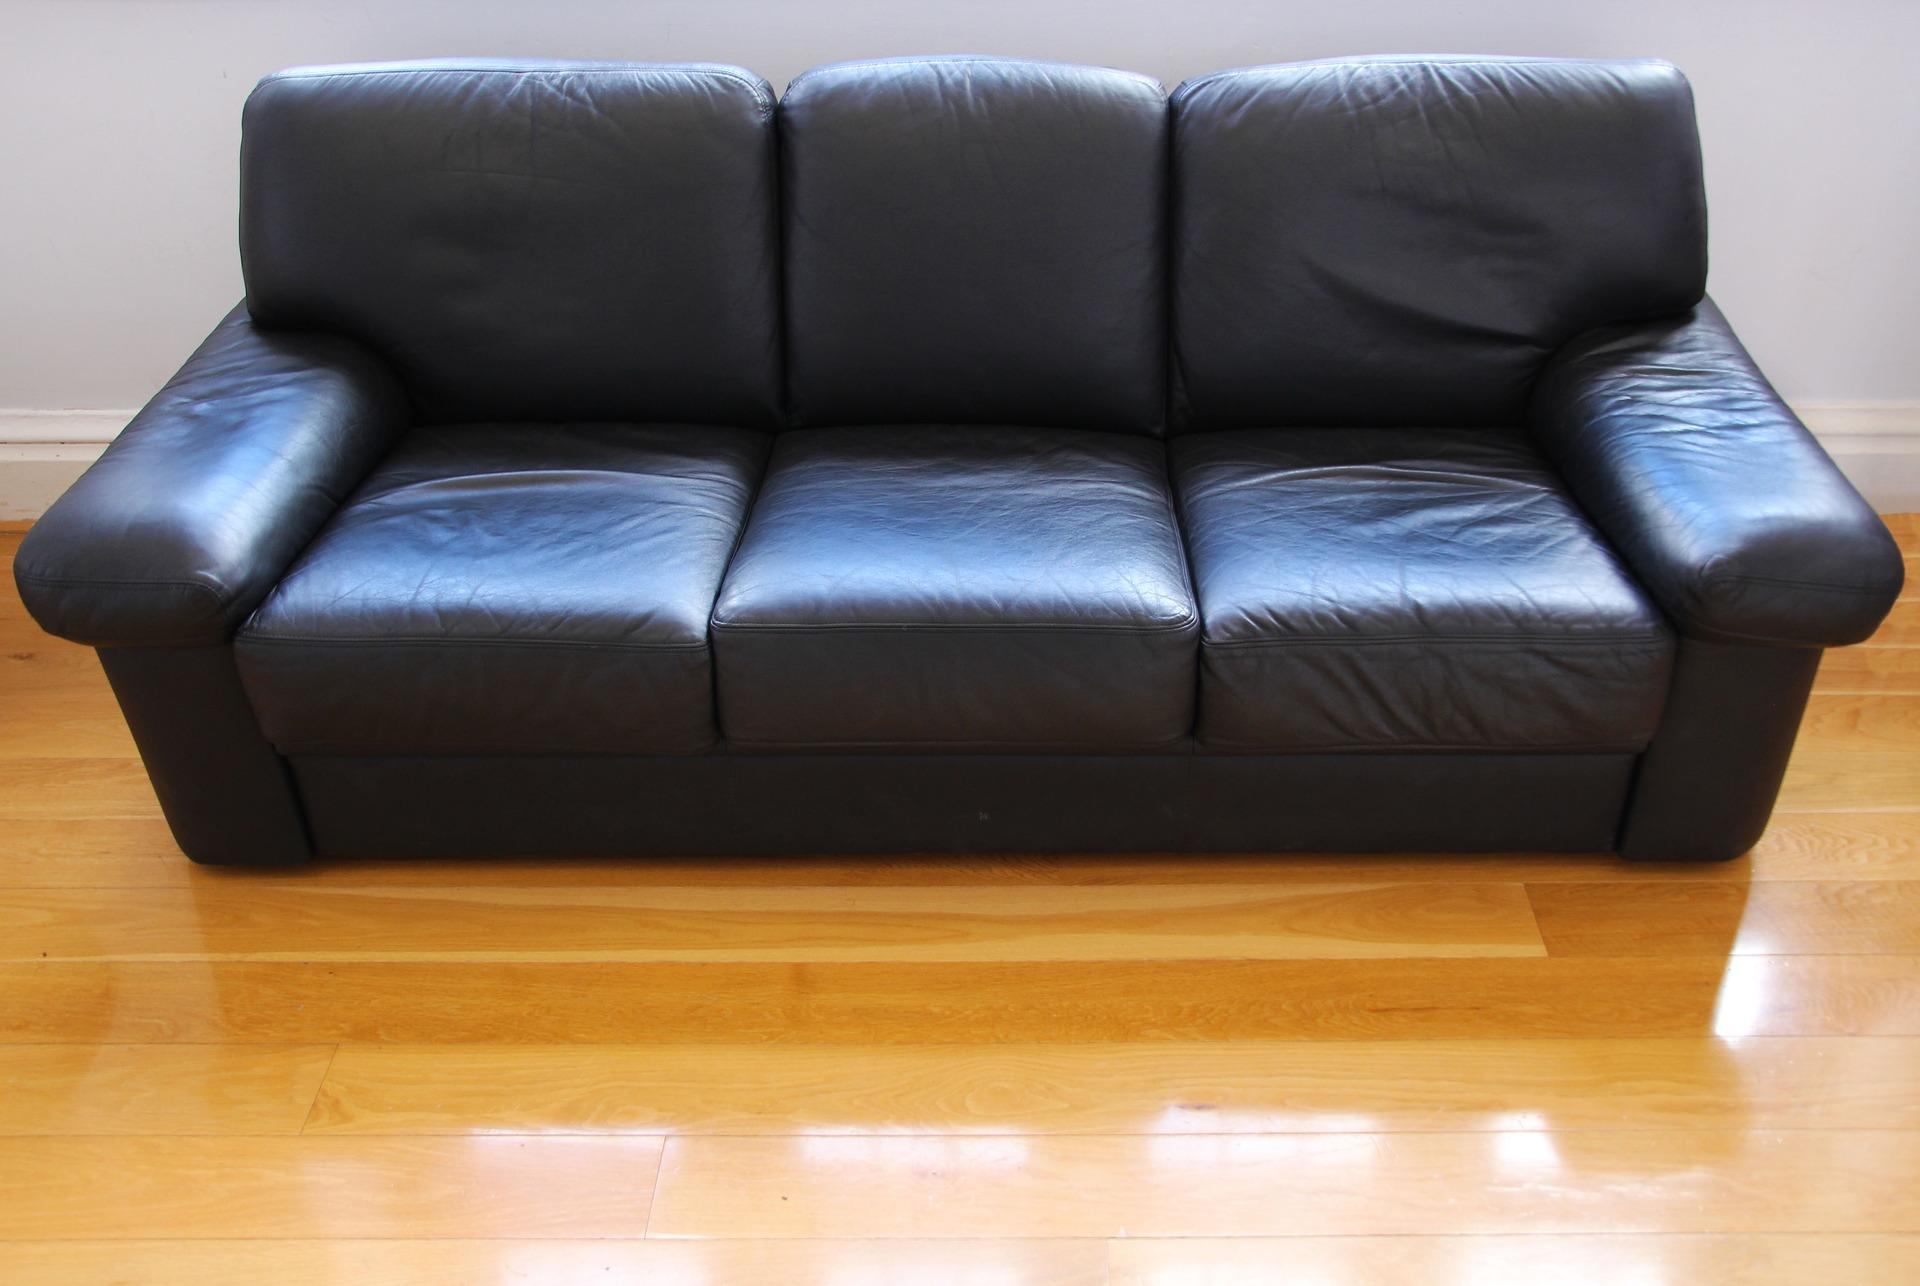 Интернет-магазин «Альтернатива» перечислил особенности экокожи для мебели